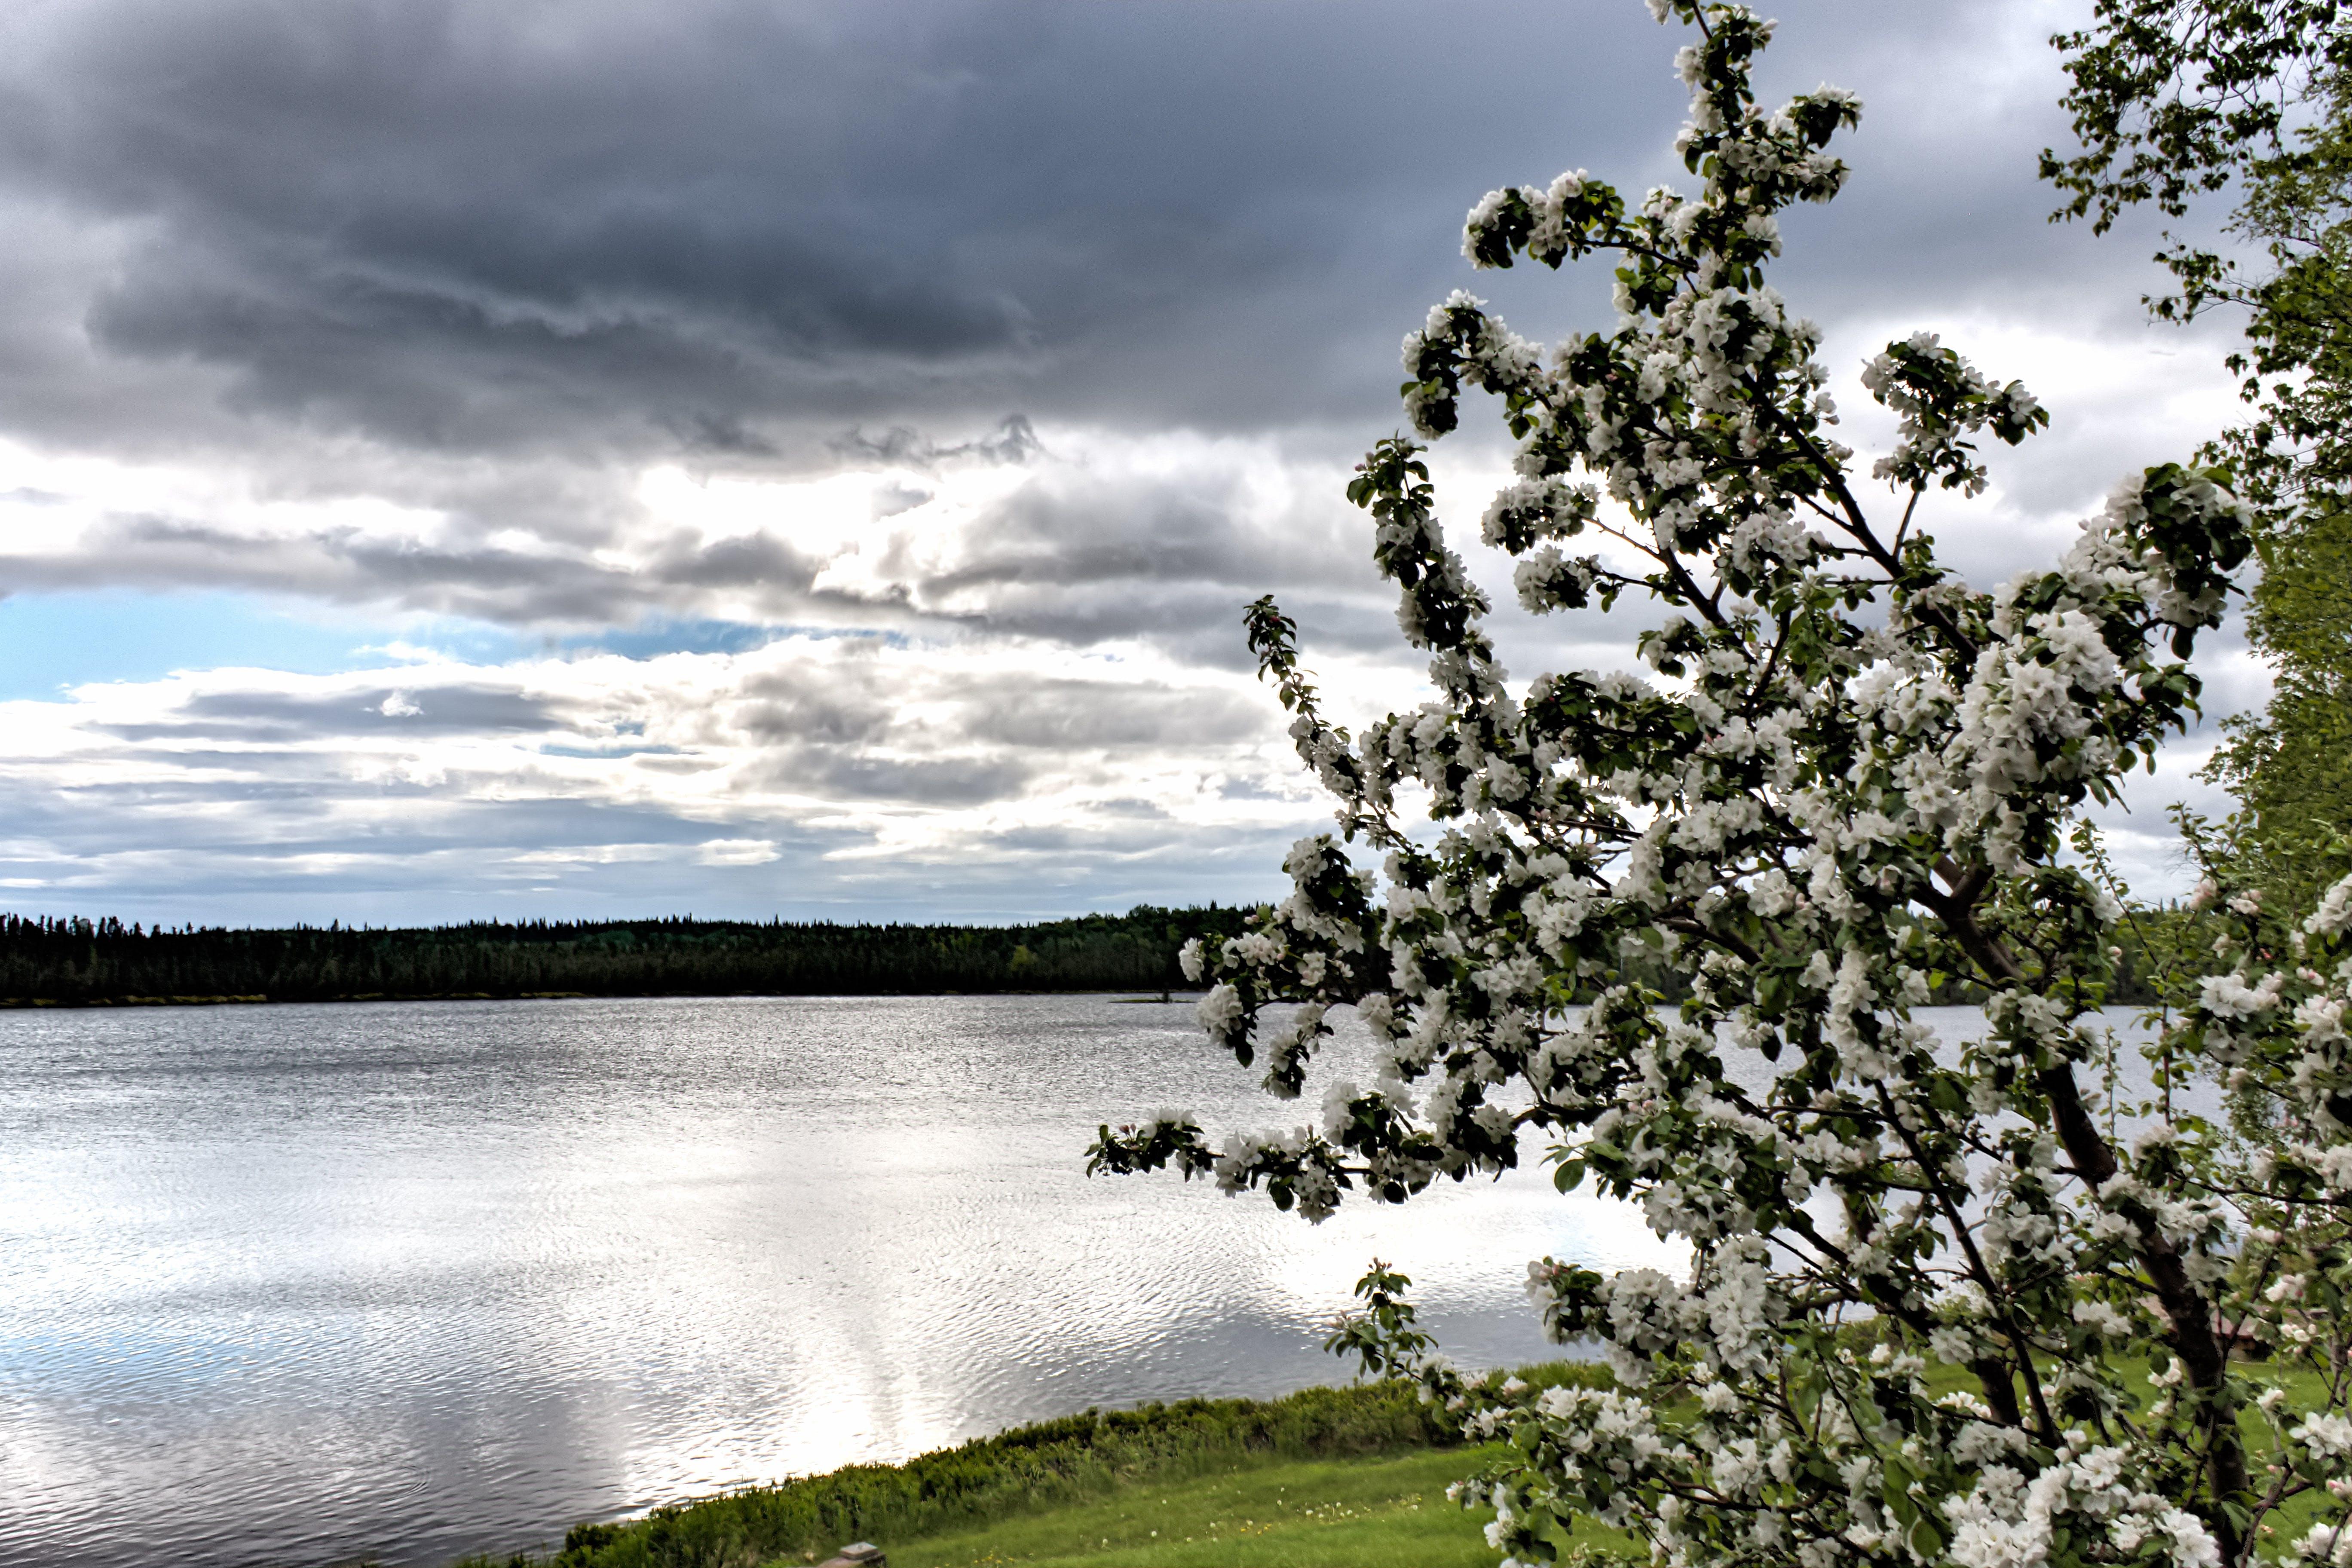 Δωρεάν στοκ φωτογραφιών με hdr, ανθίζω, μηλιά, τοπίο